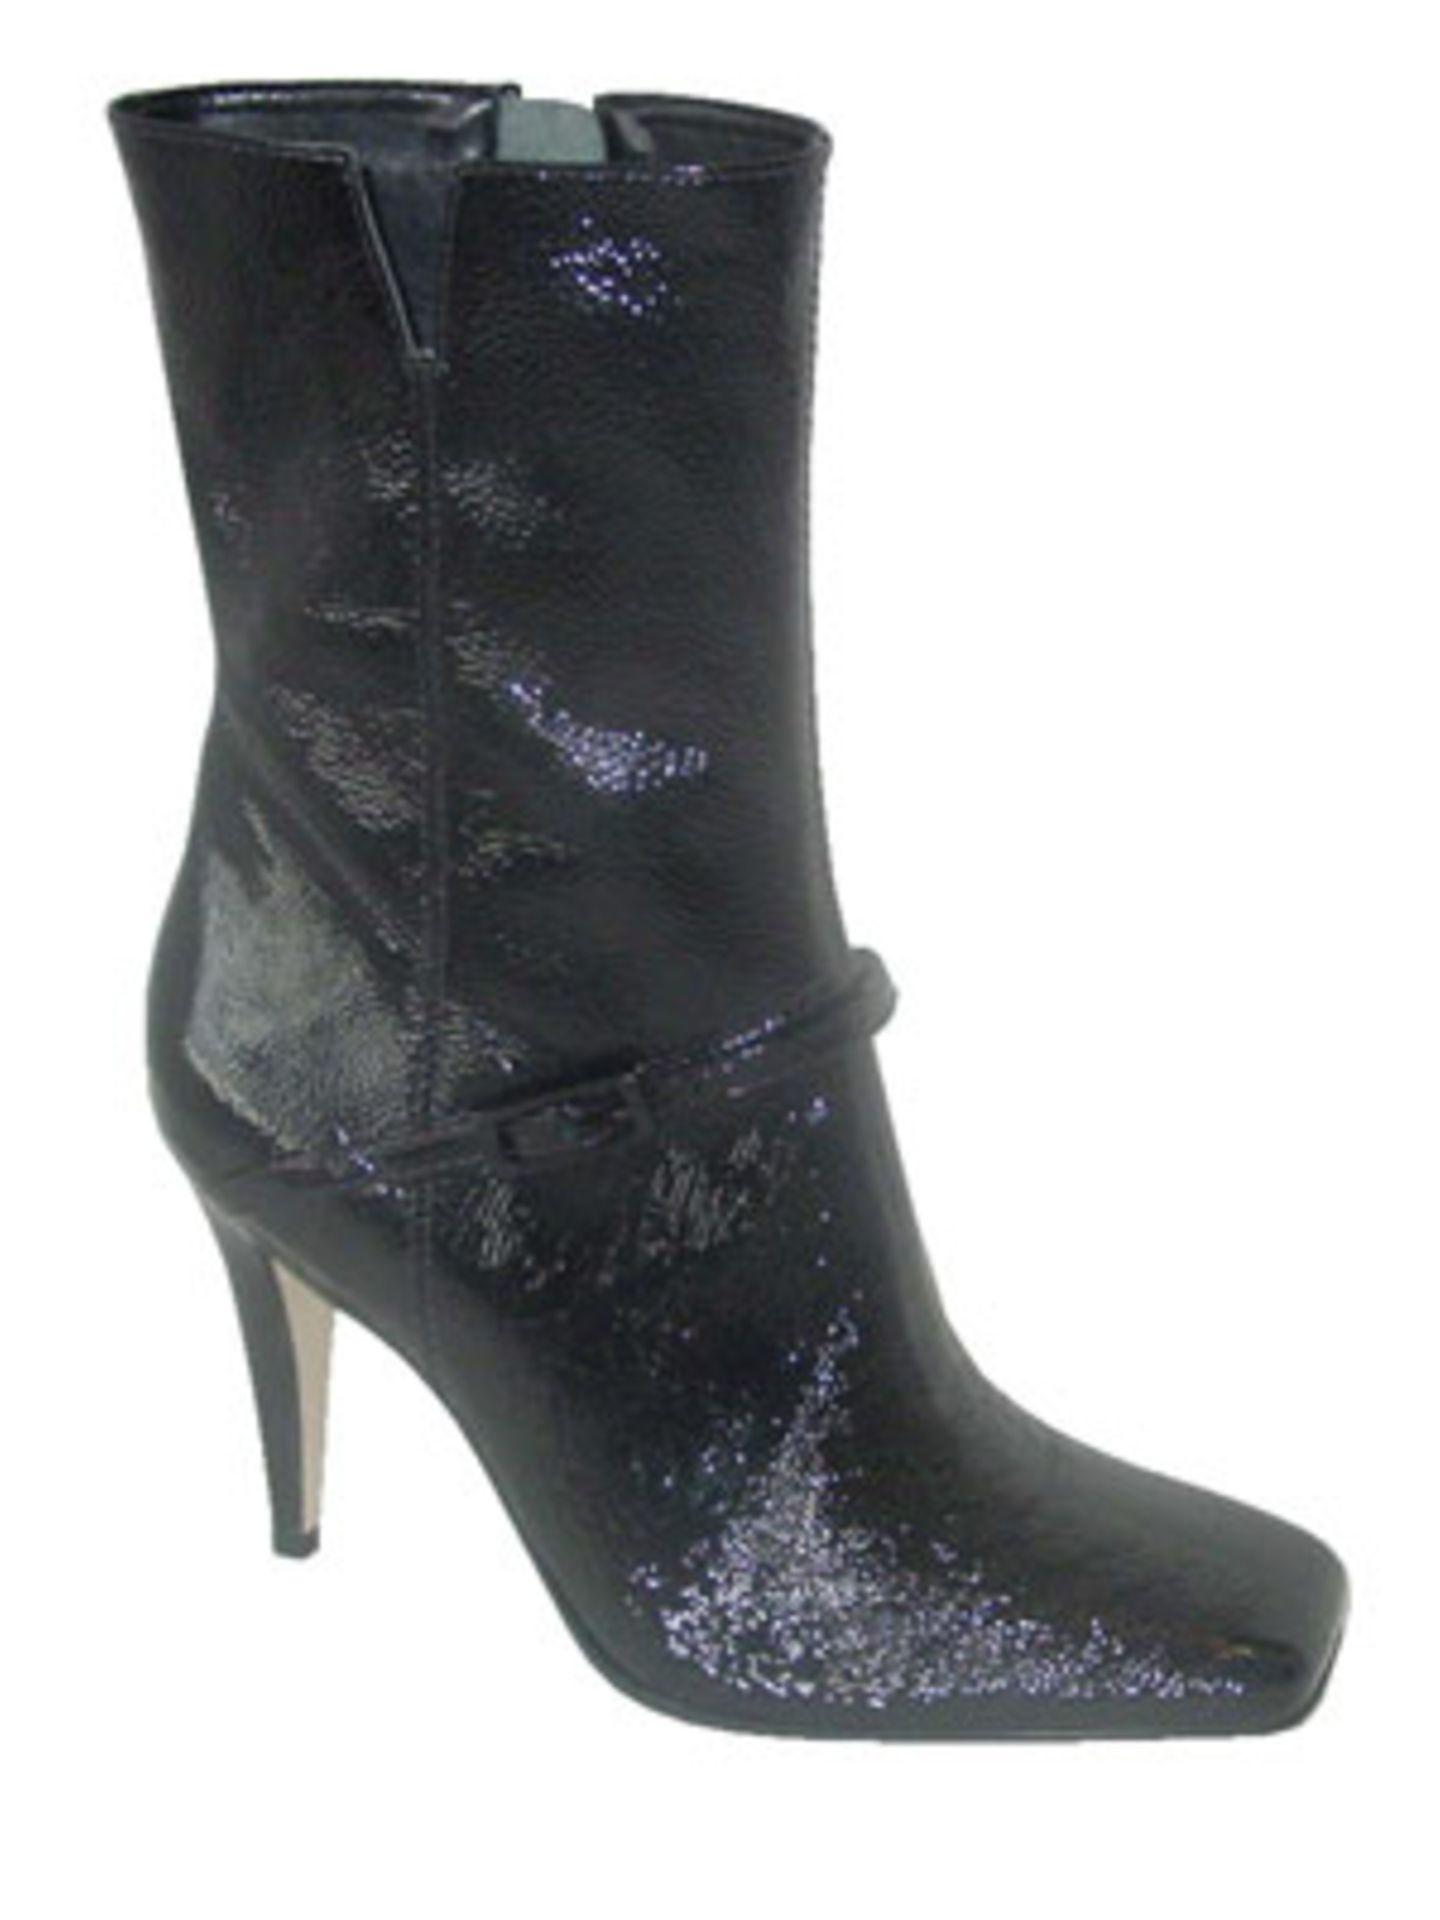 Schwarze Stiefel in Knautsch-Optik; 129,90 Euro; von Buffalo